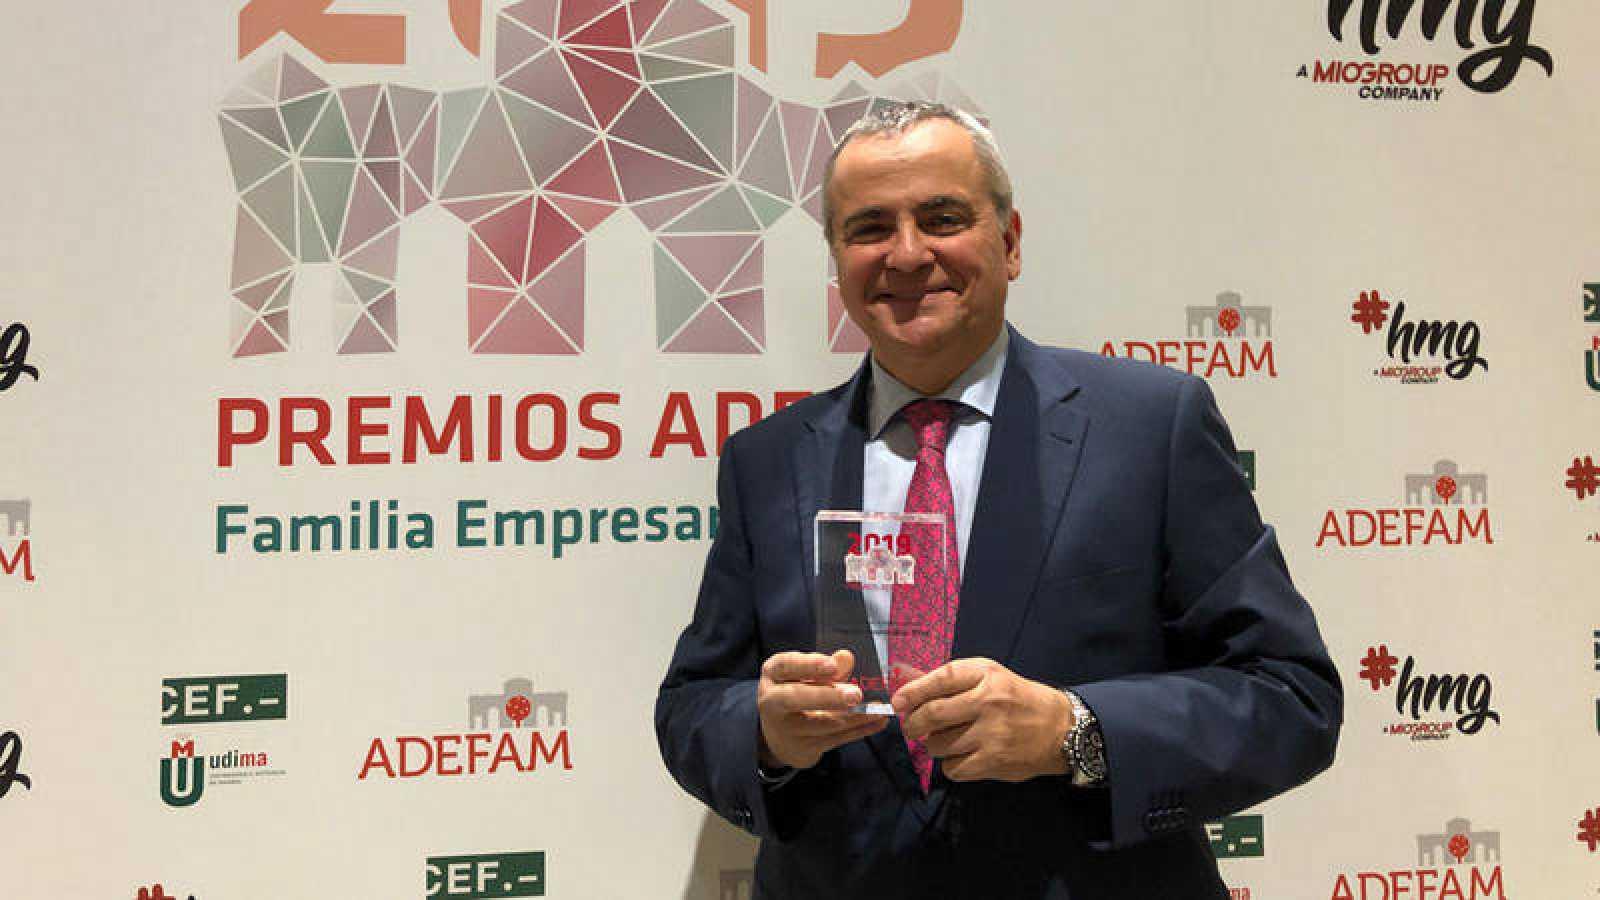 Juanma Romero recoge el premio de ADEFAM por su apoyo a la empresa madrileña